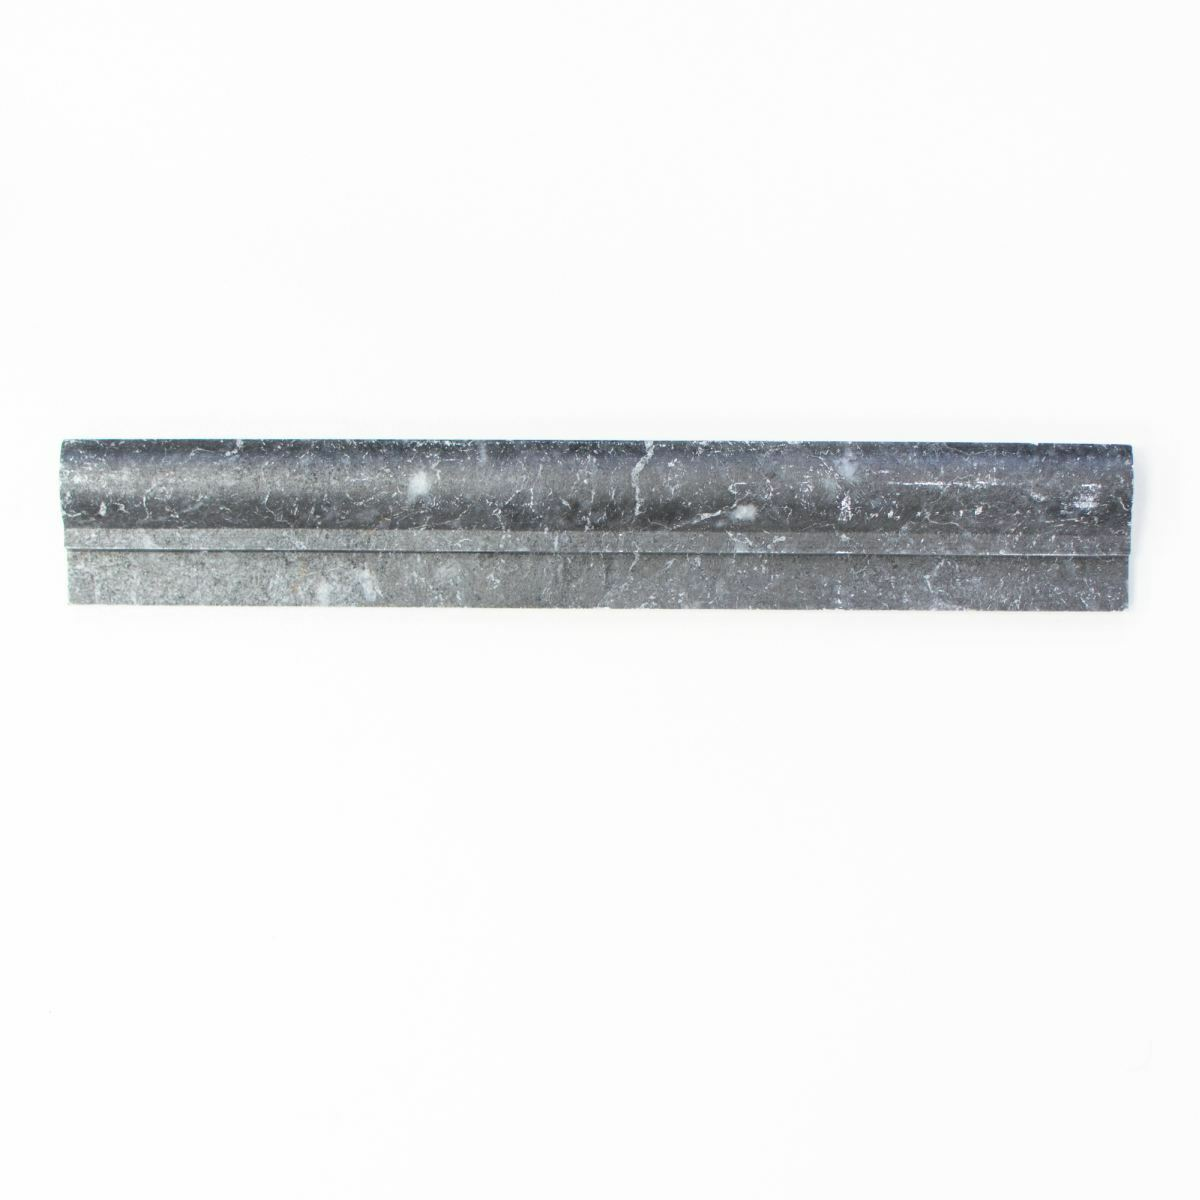 Bordüre Naturstein grau dunkel schwarz Antik Marmor Boden Art Prof-43348 10Bordüren